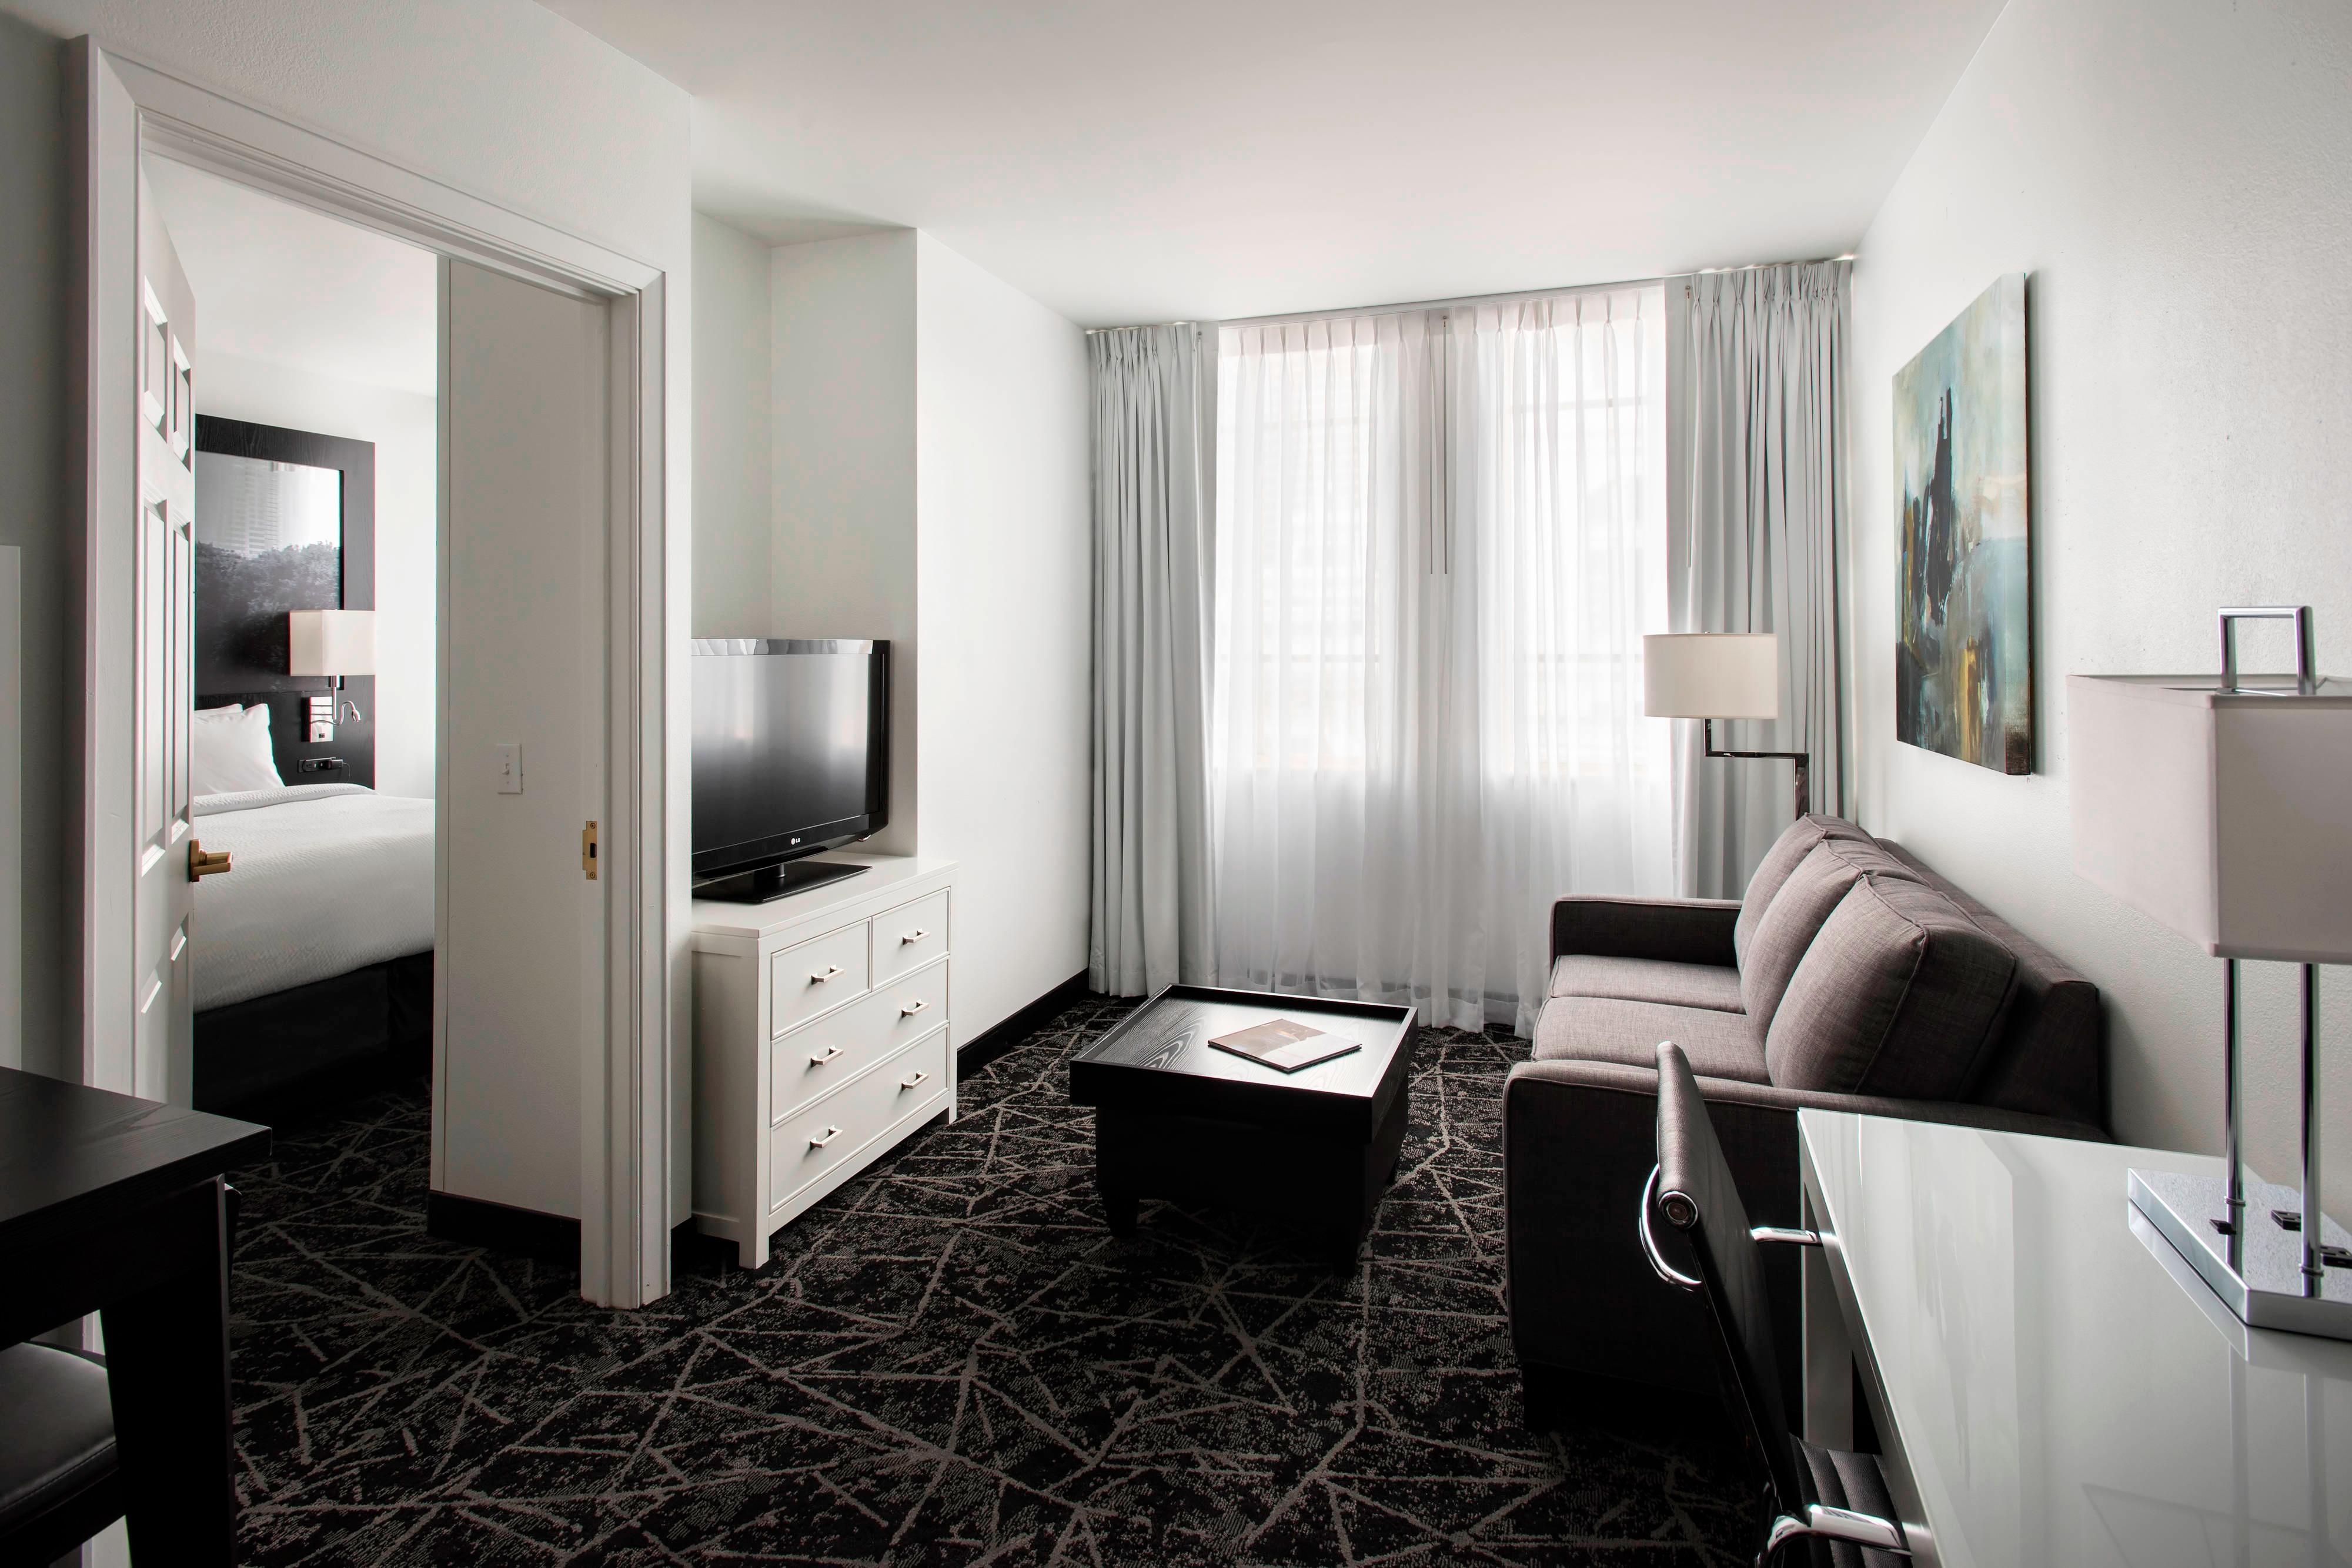 Residence Inn Philadelphia Center City: Philadelphia Extended Stay ...